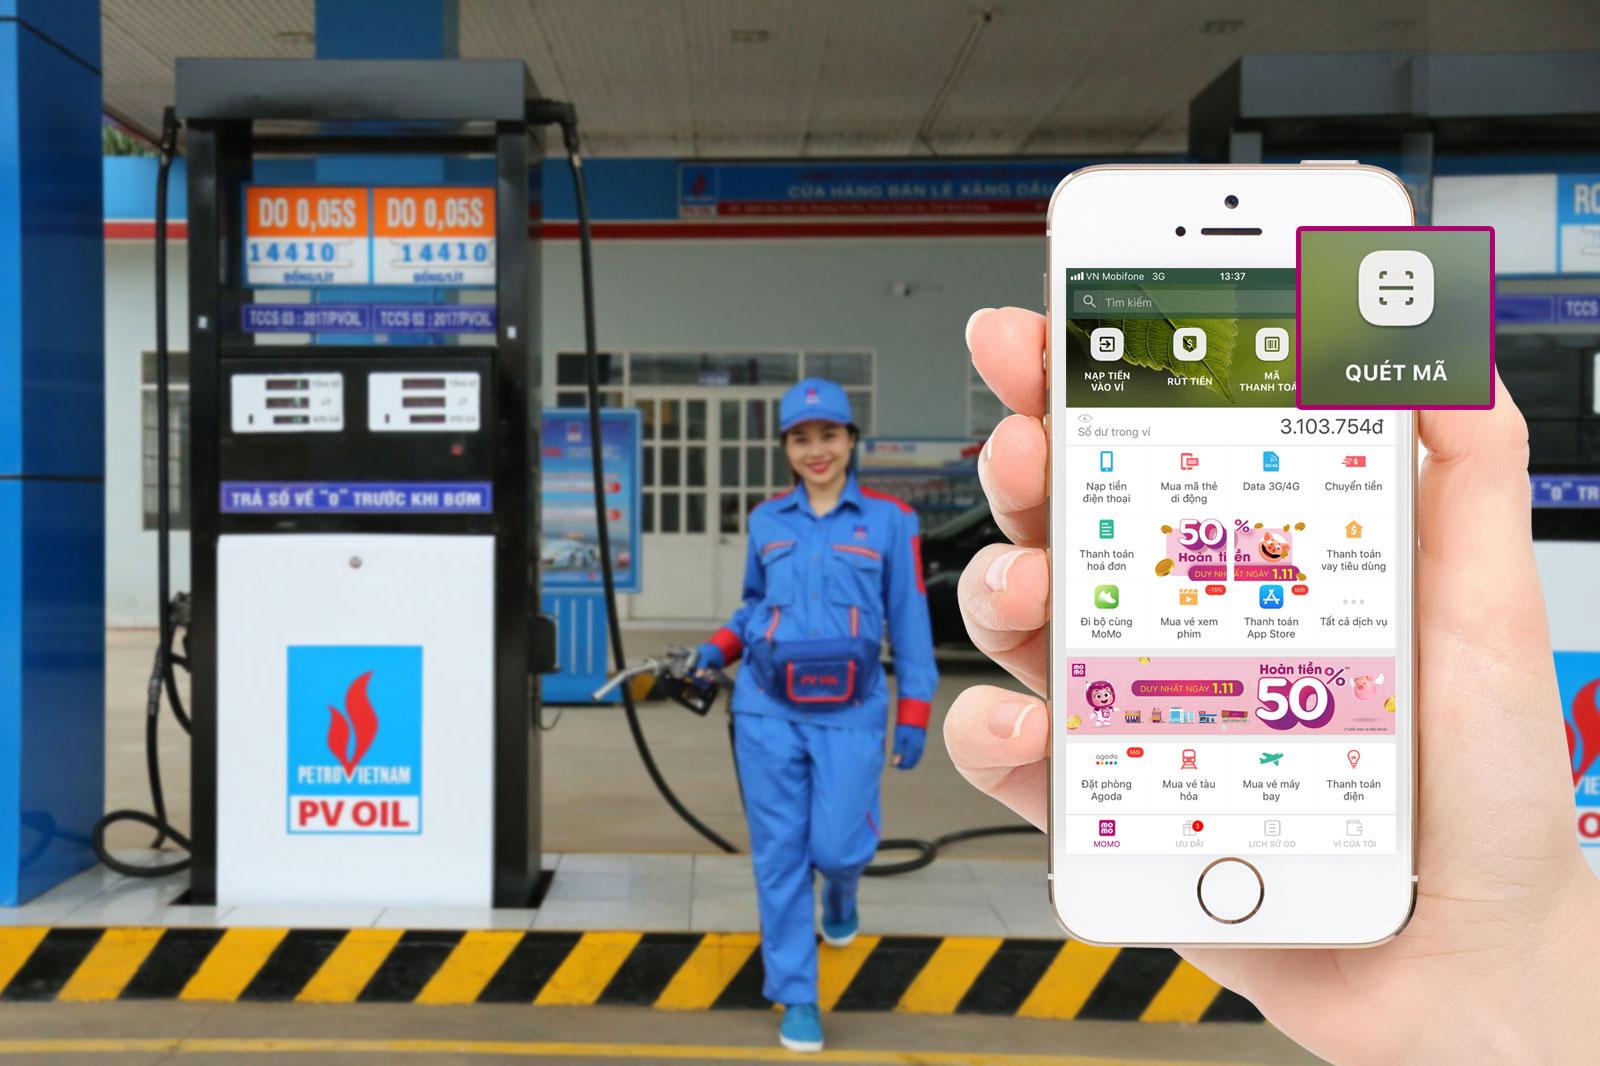 PVOIL và Ví MoMo hợp tác cho người dân mua xăng bằng ví điện tử 2